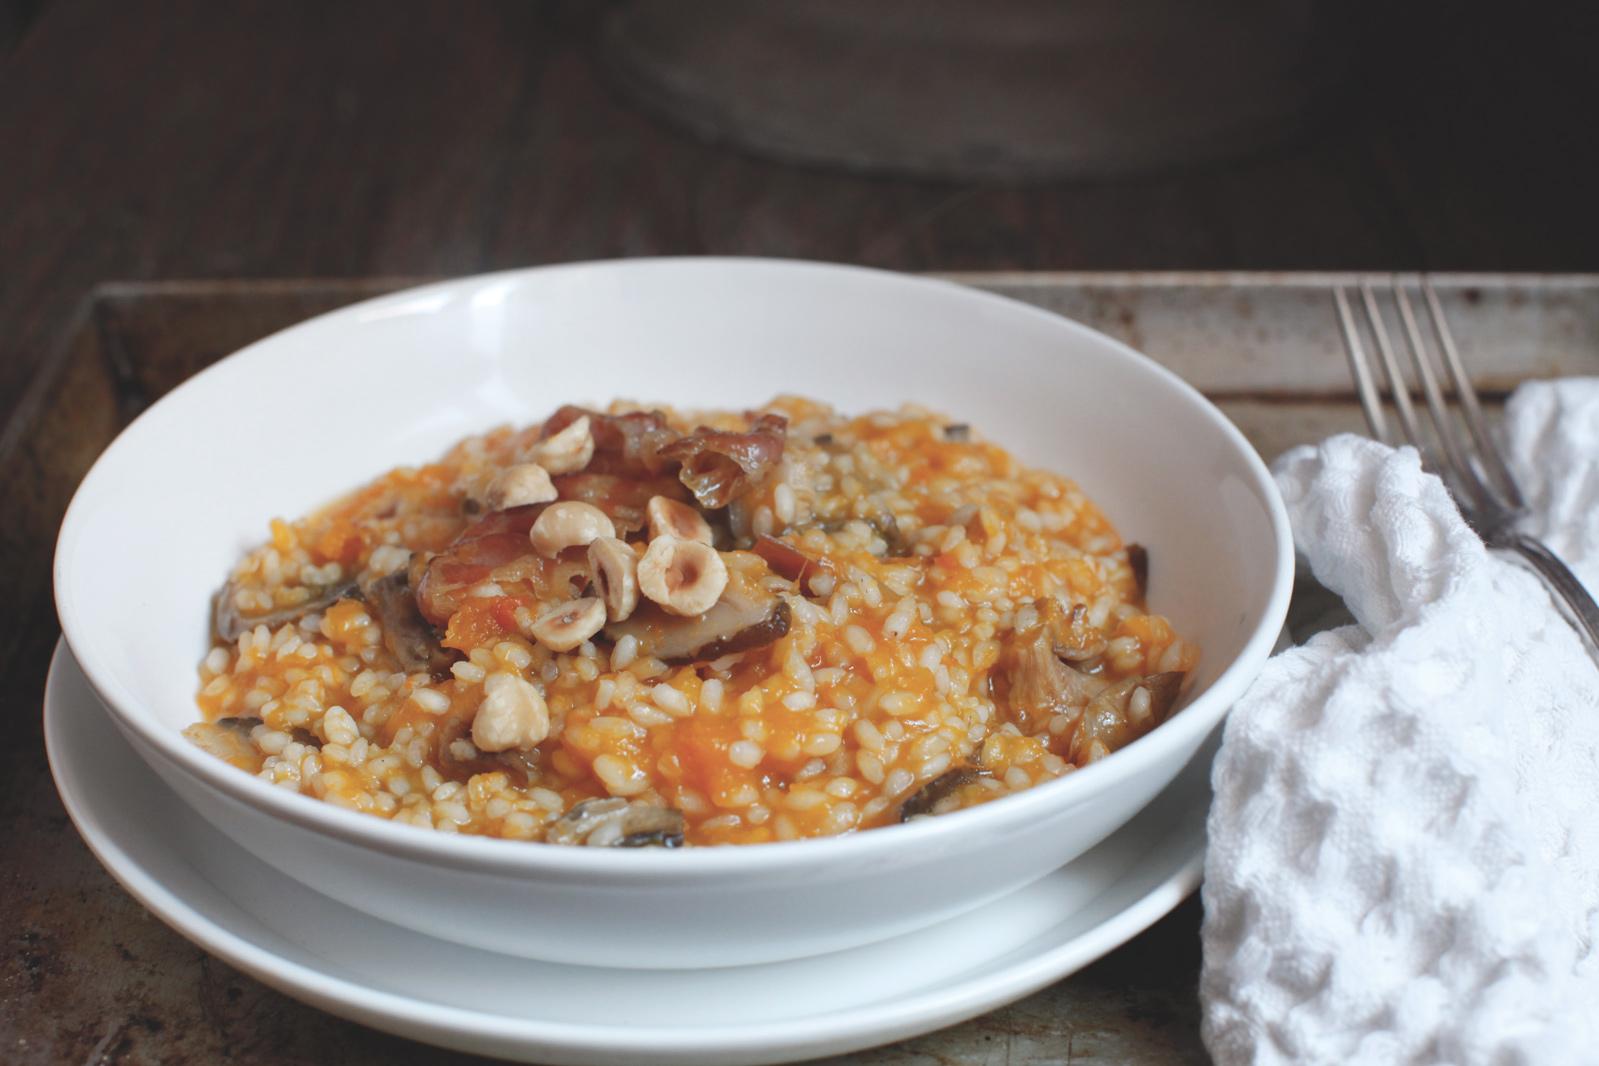 pici-e-castagne-risotto-zucca-nocciole-pancetta-e-funghi